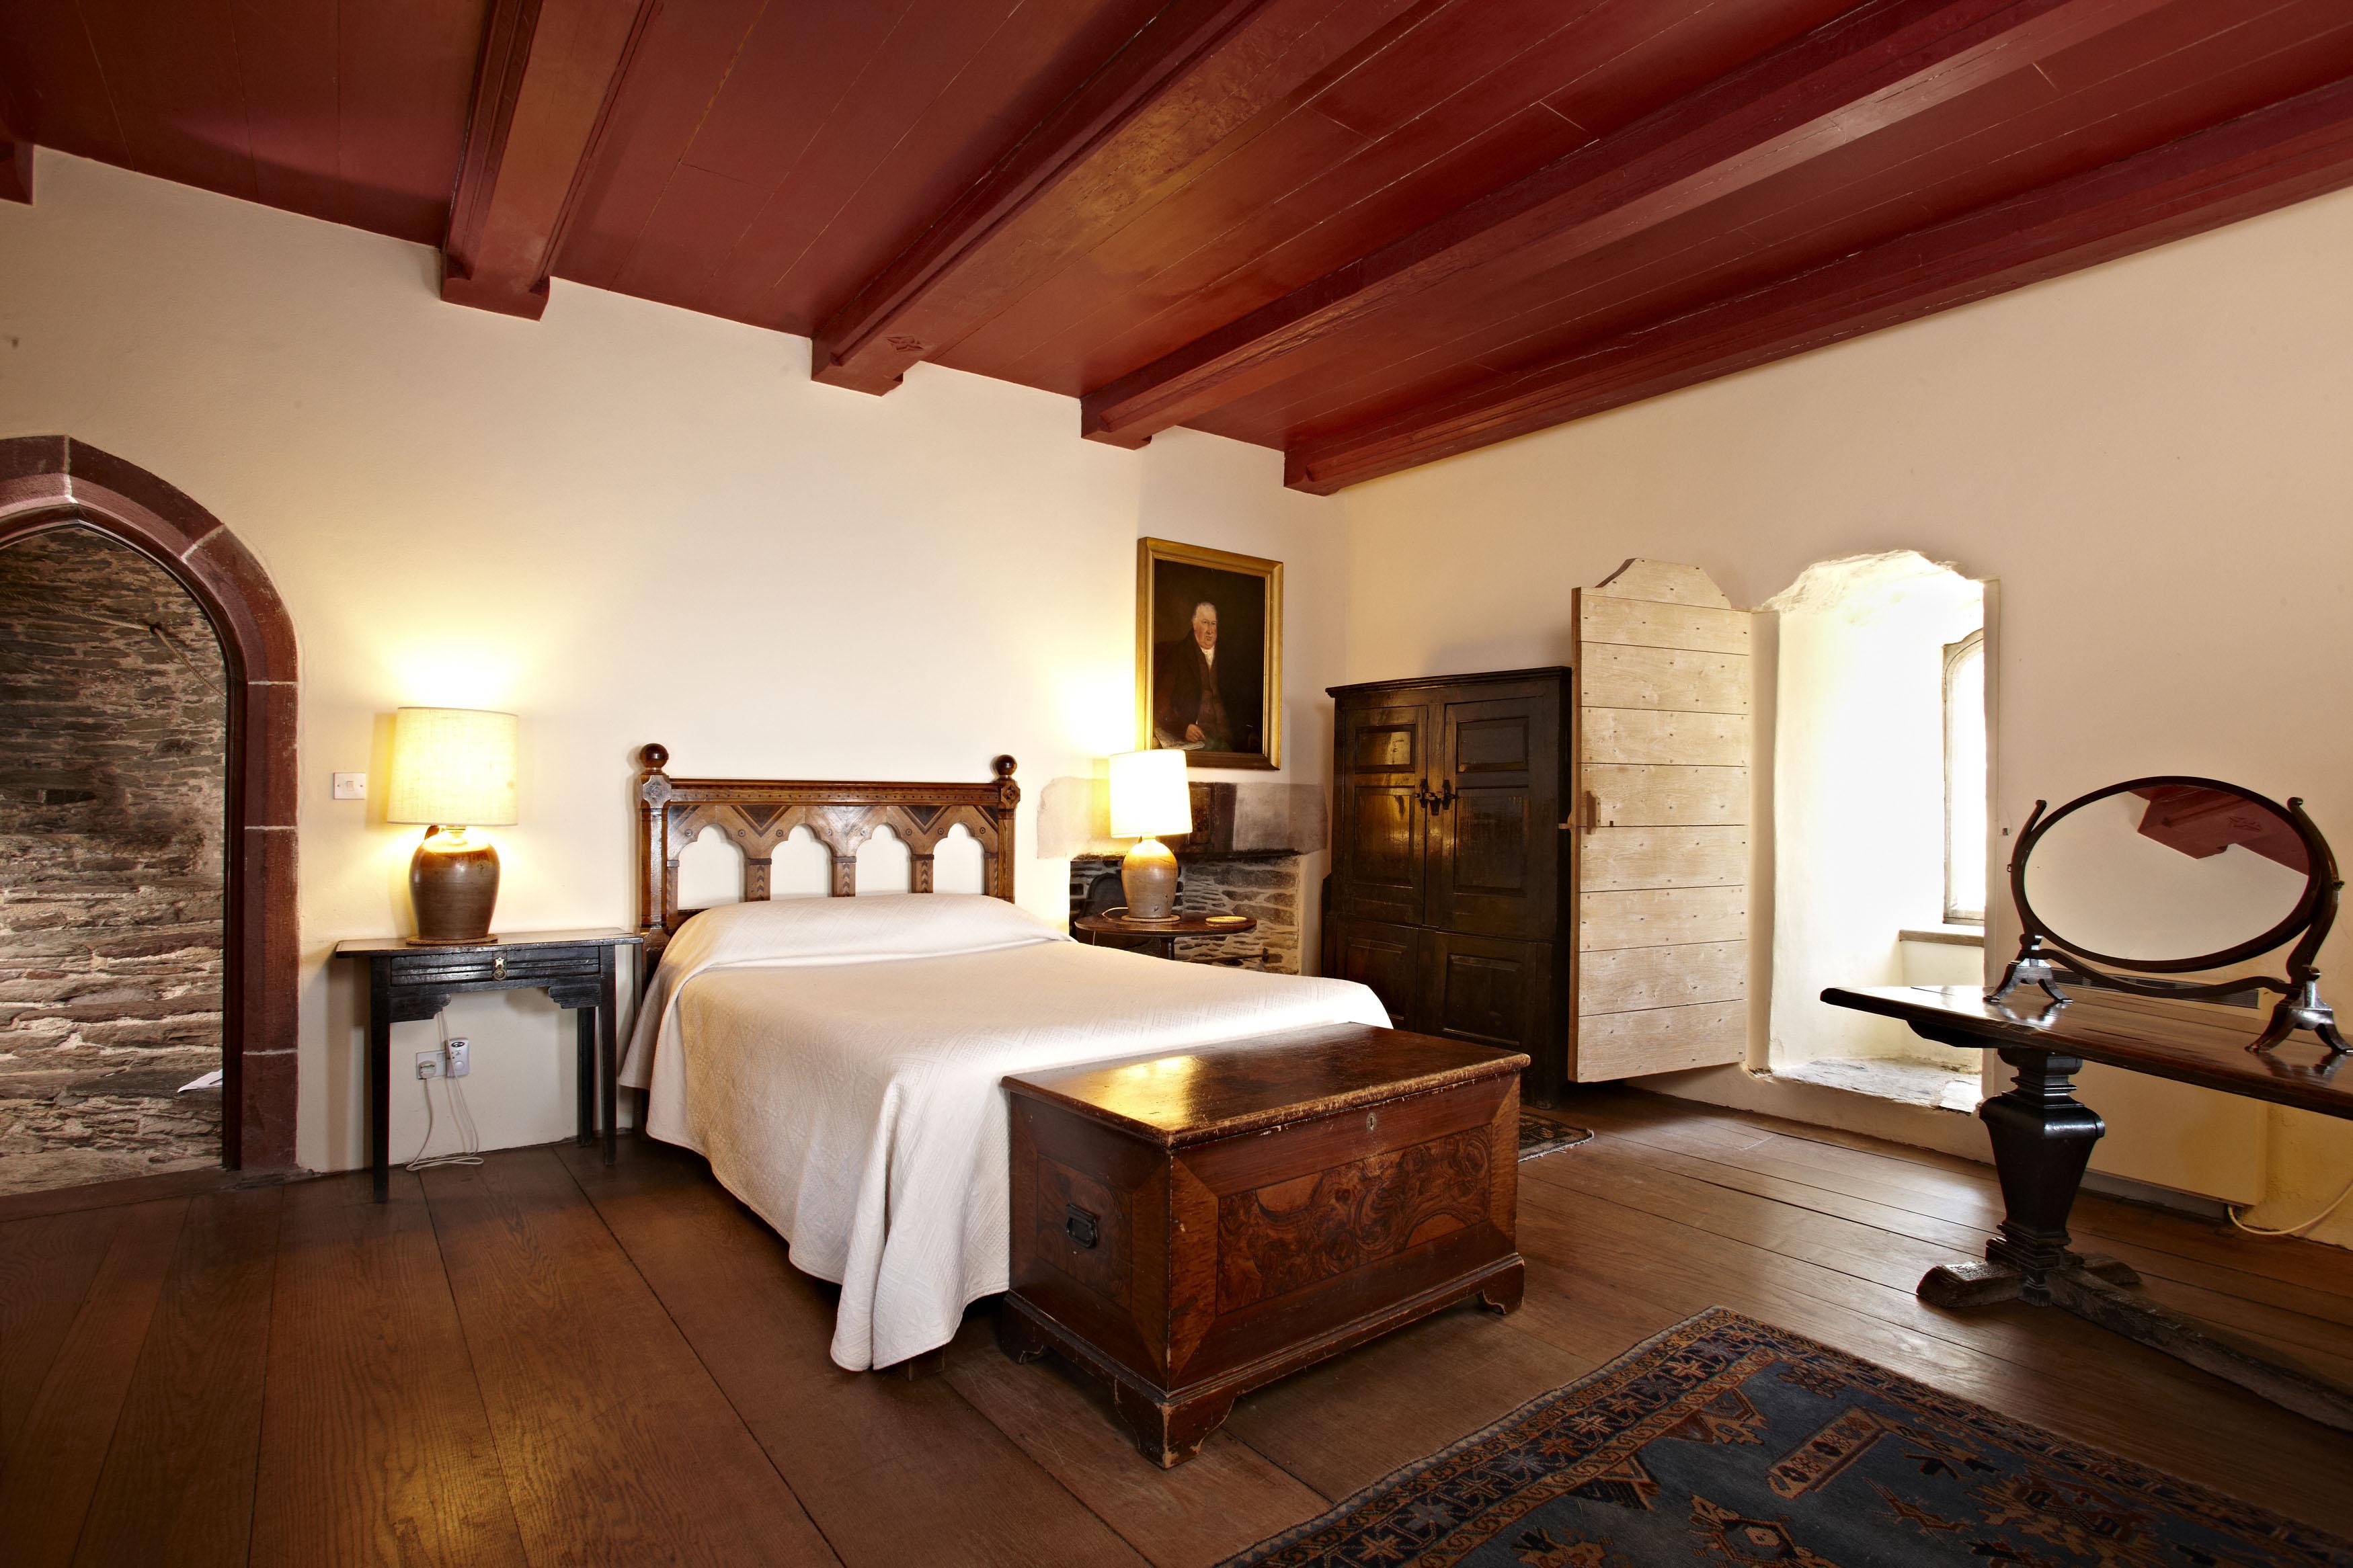 Kingswear-Castle-Bedroom-f71b8a0